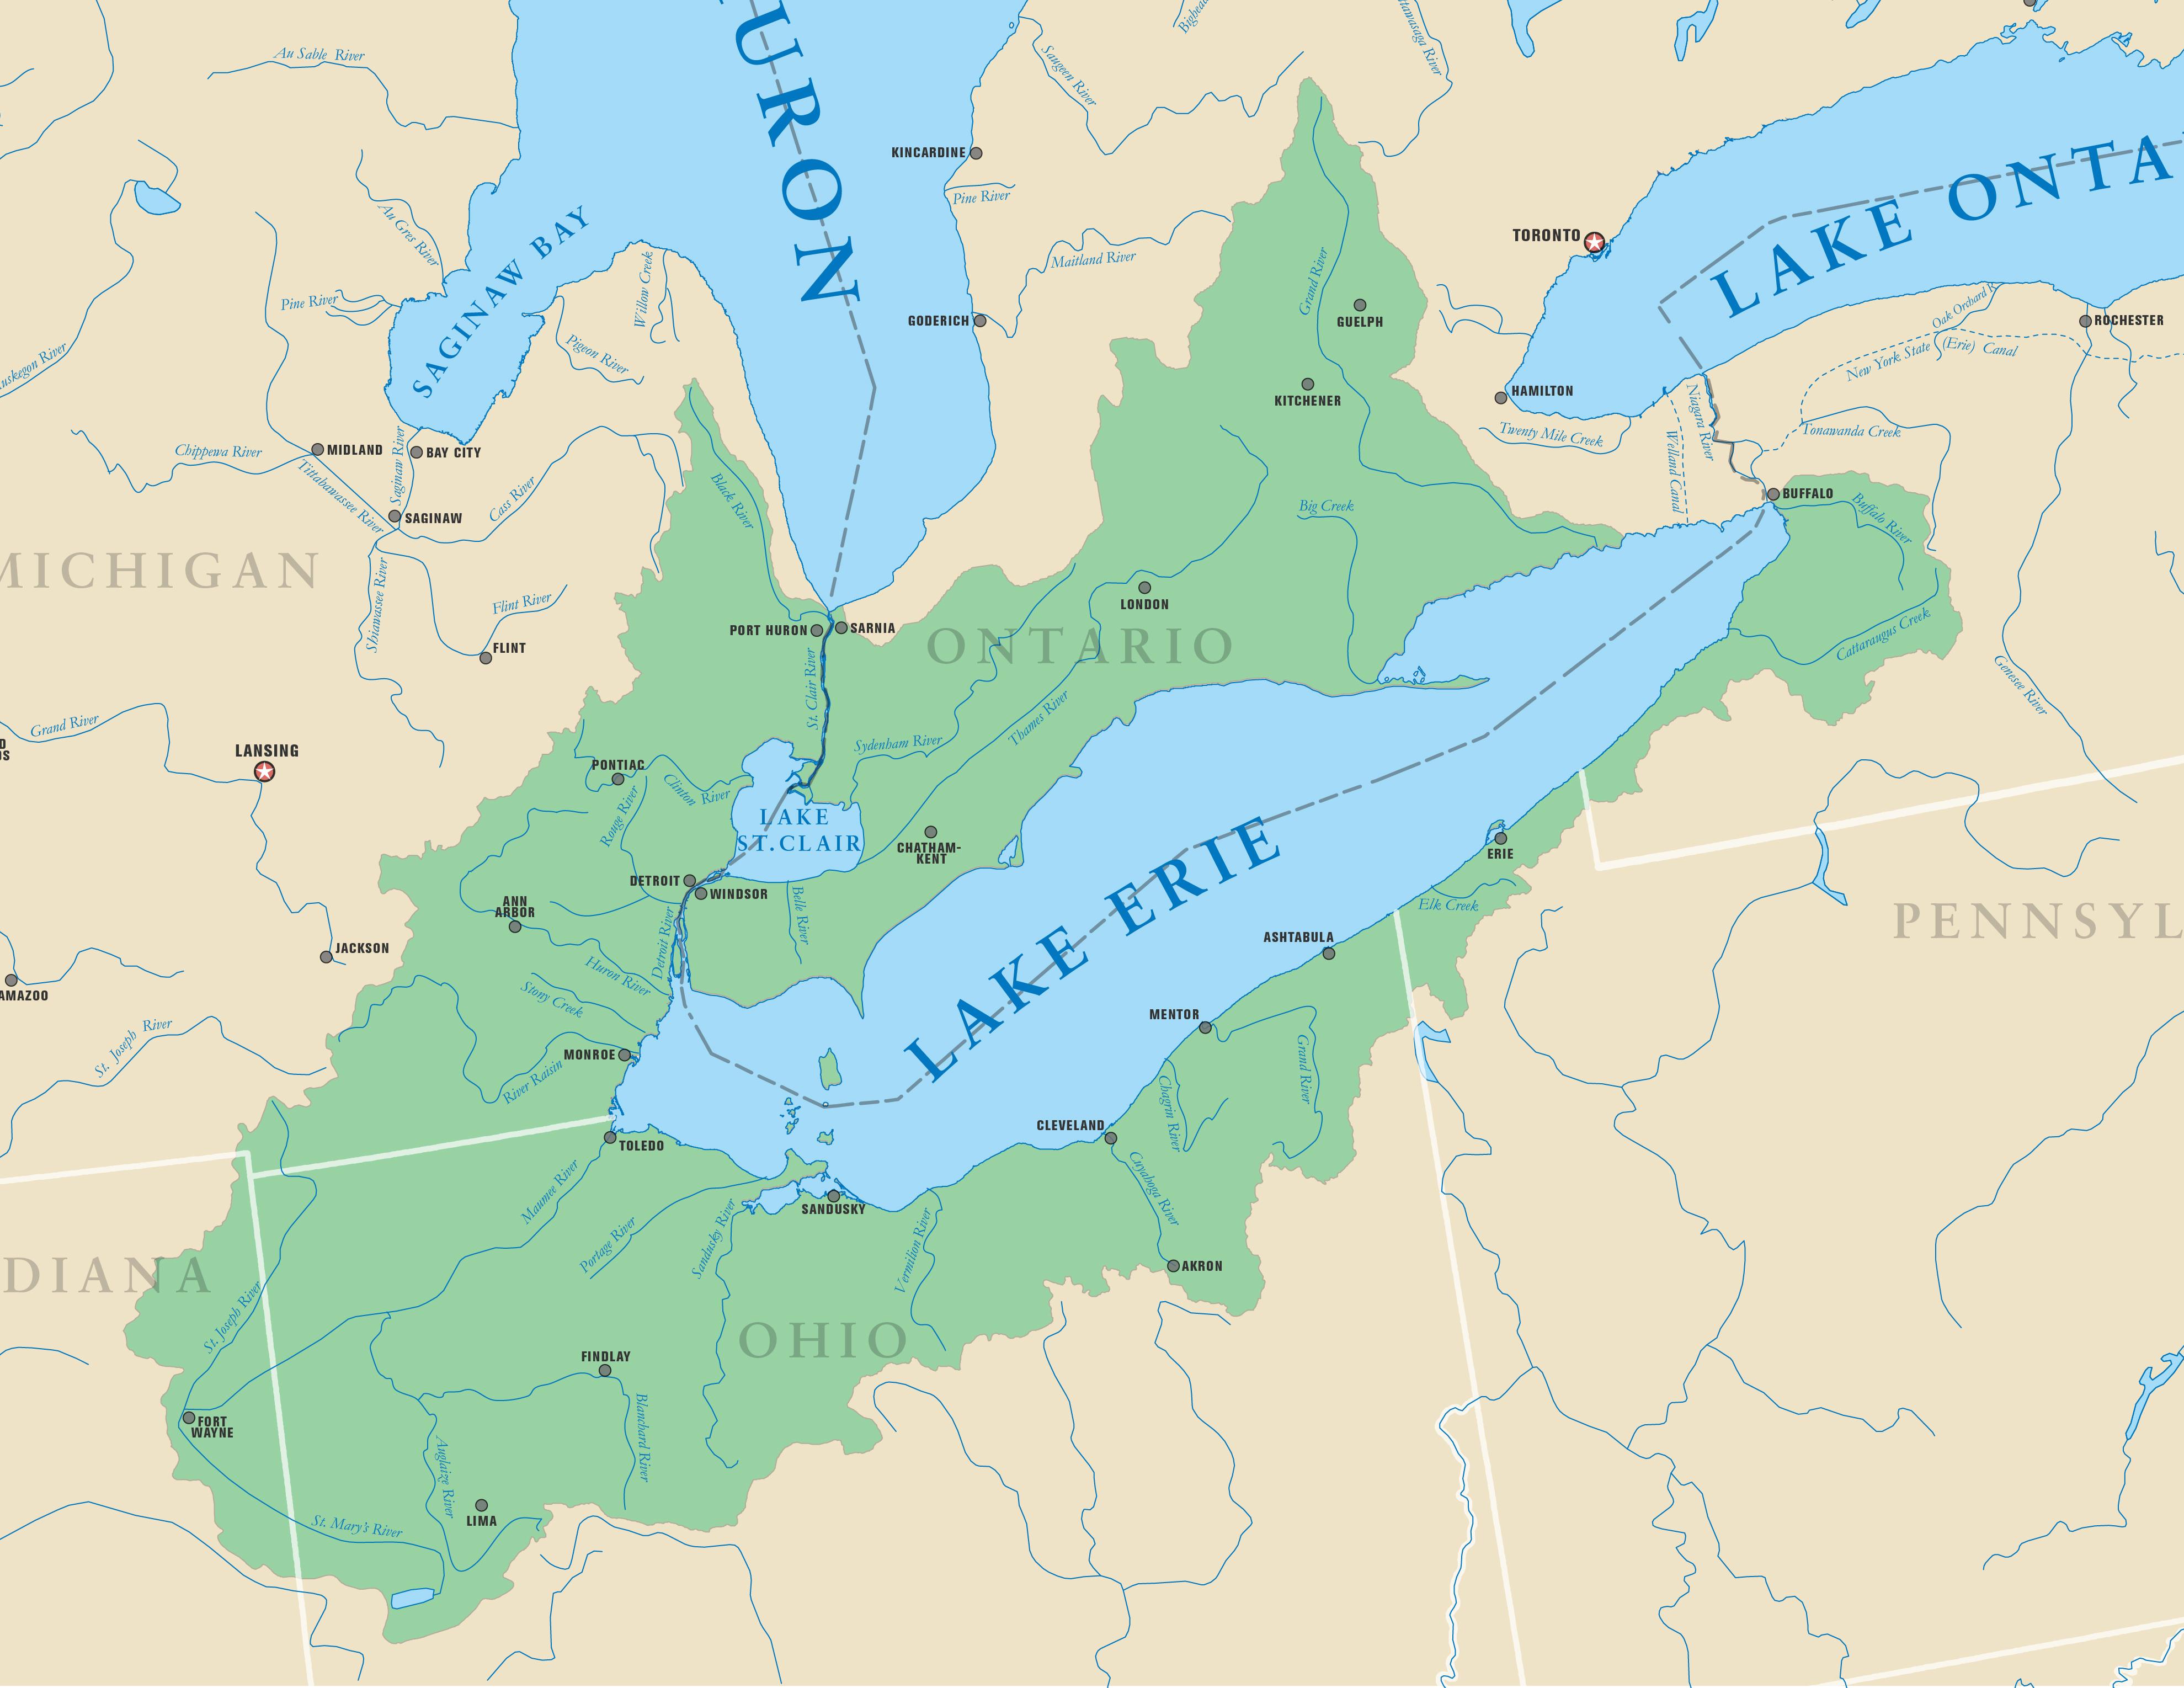 Где находятся озеро эри